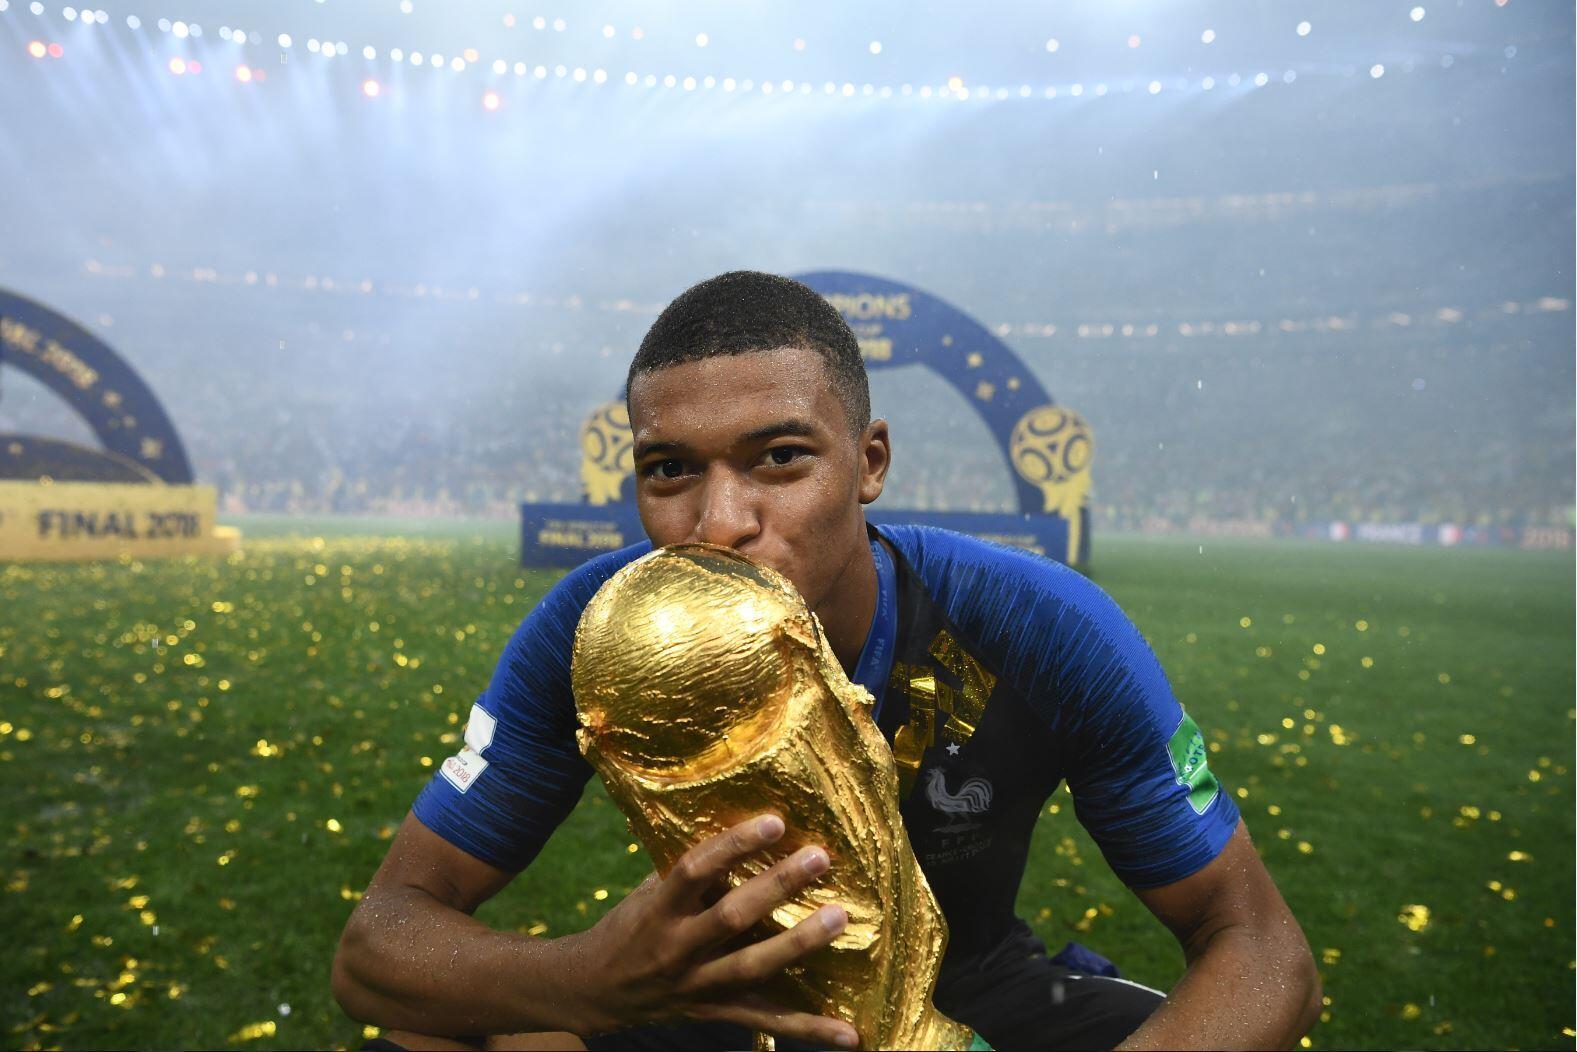 Килиан Мбаппе стал чемпионом мира в 19 лет. Его называют лучшим молодым футболистом в мире и сравнивают с Пеле и Тьери Анри